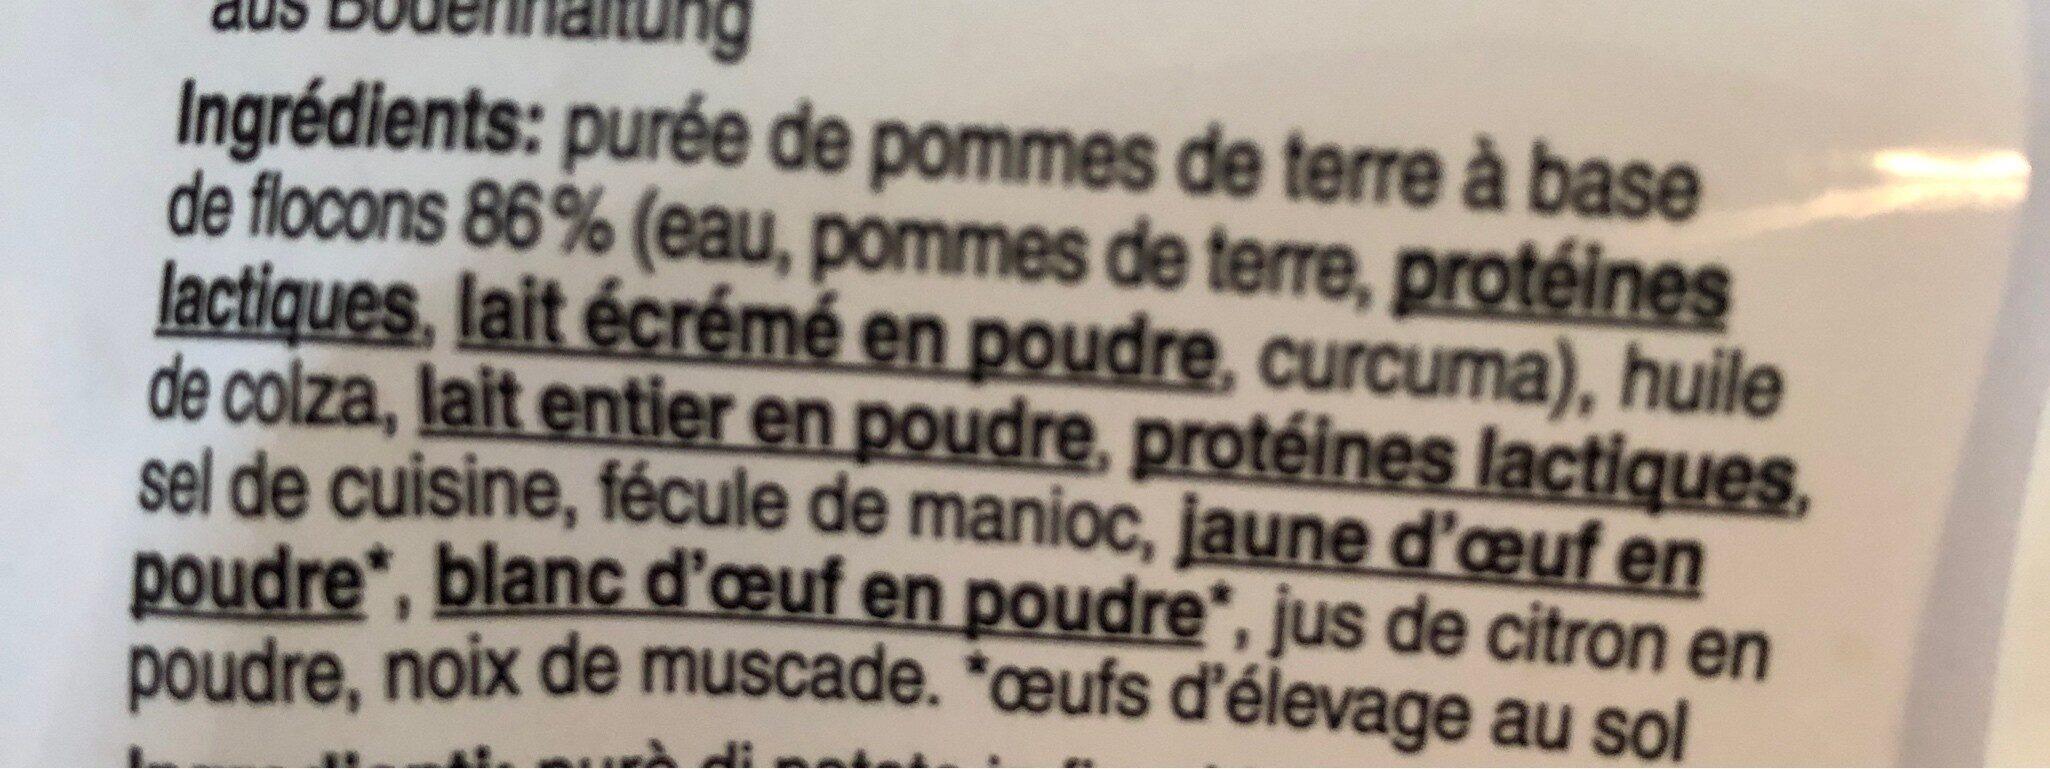 Croquette au four - Ingrédients